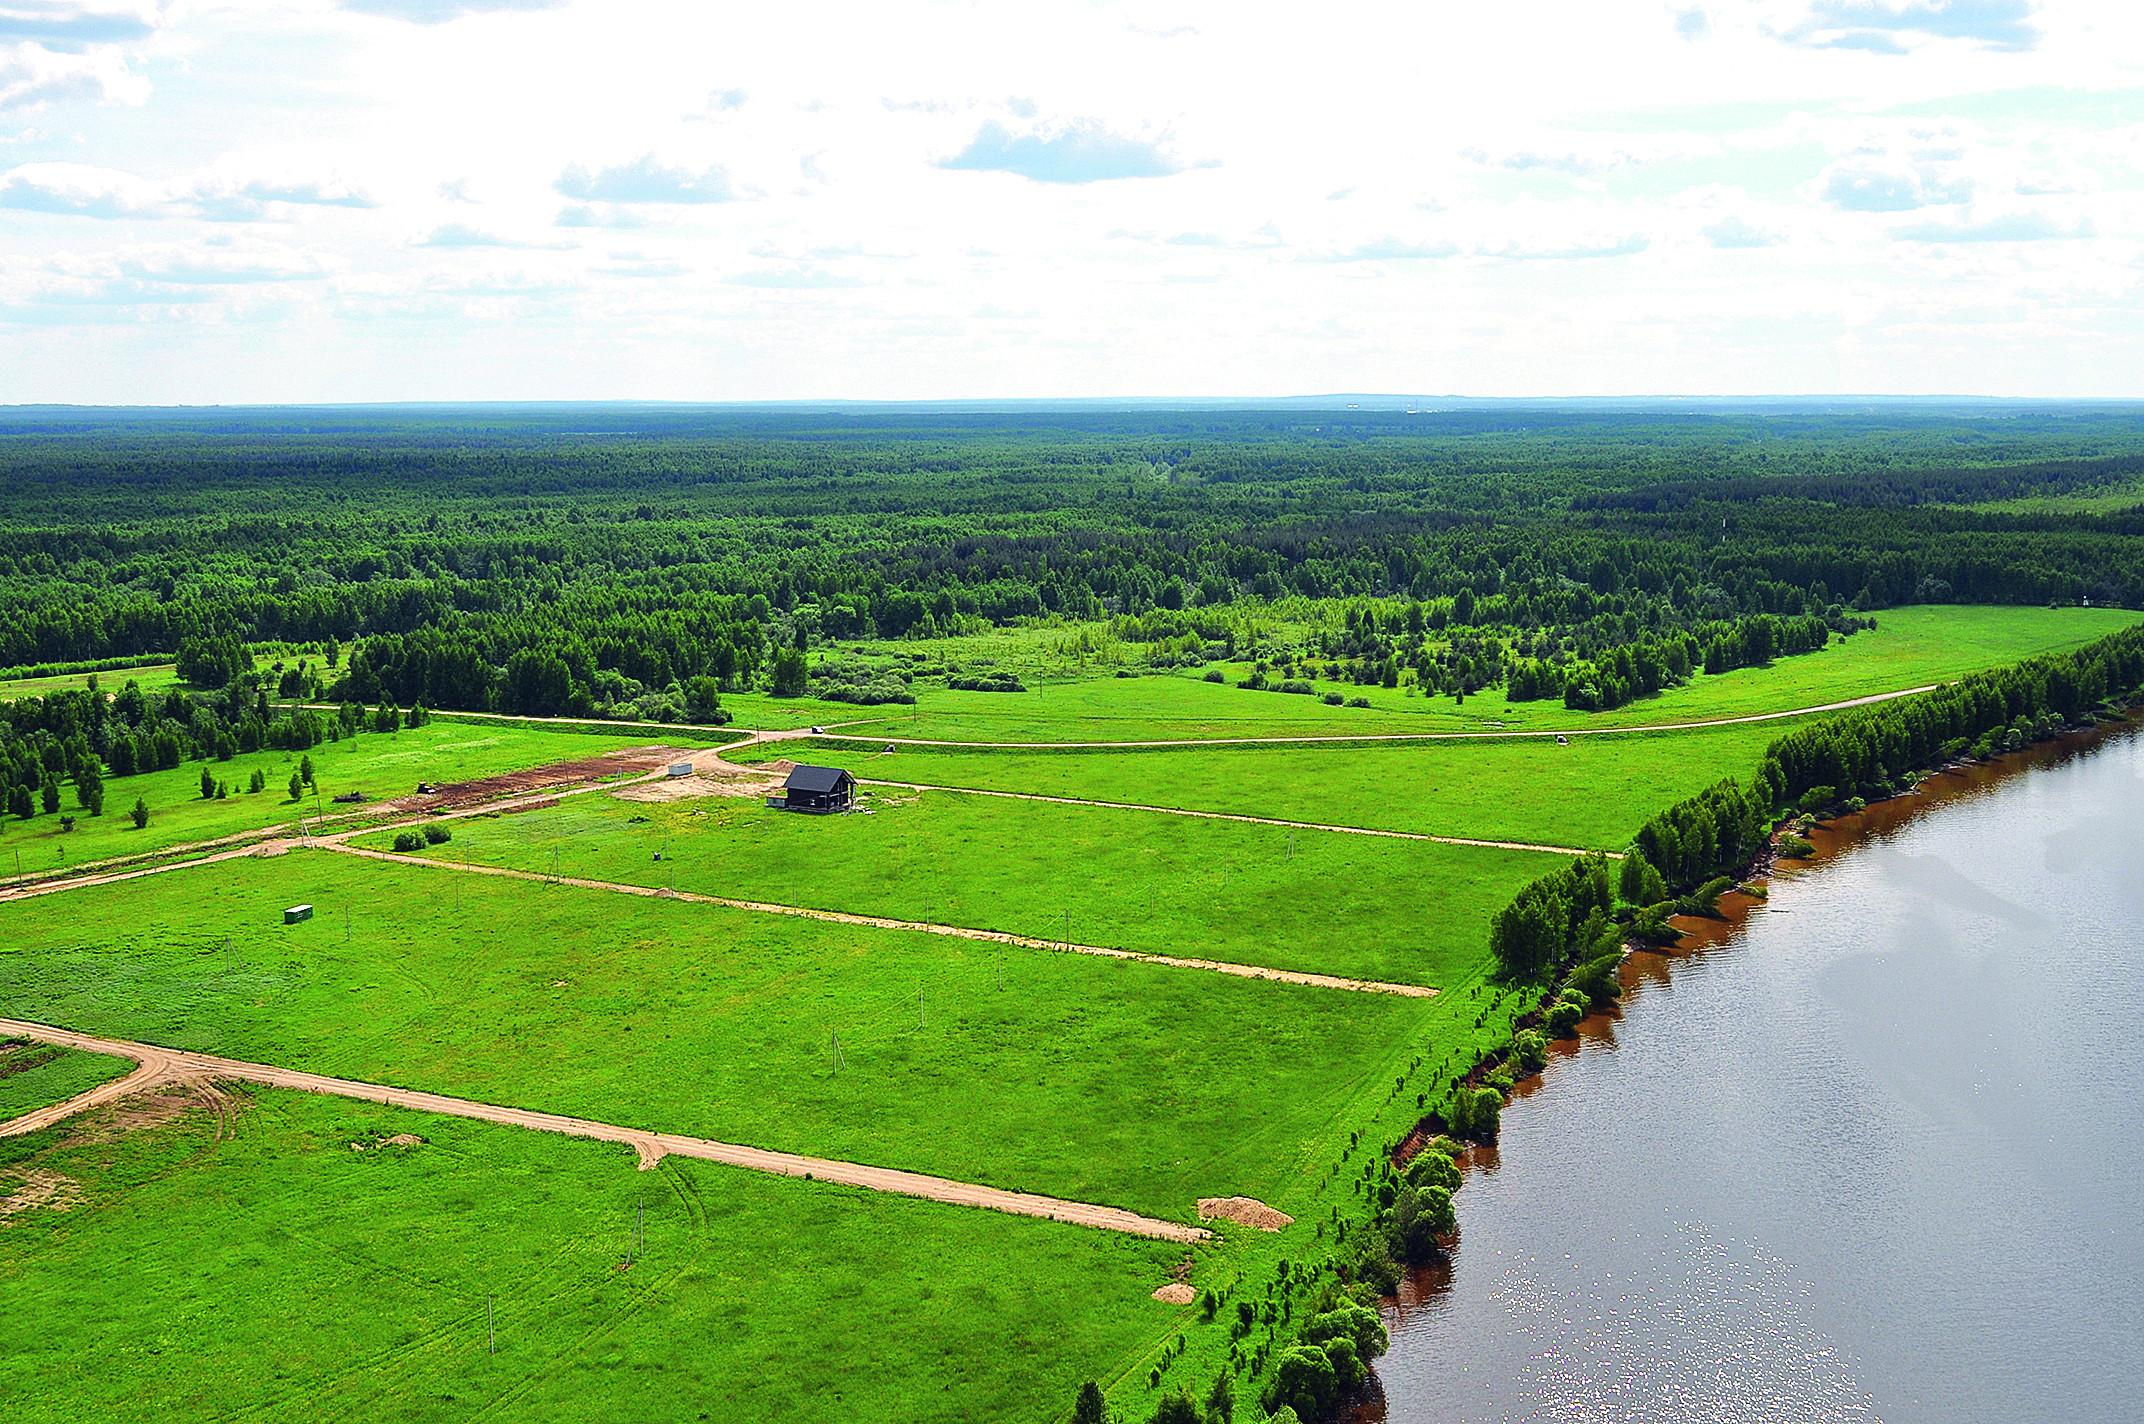 Можно ли строить на землях сельхозназначения?